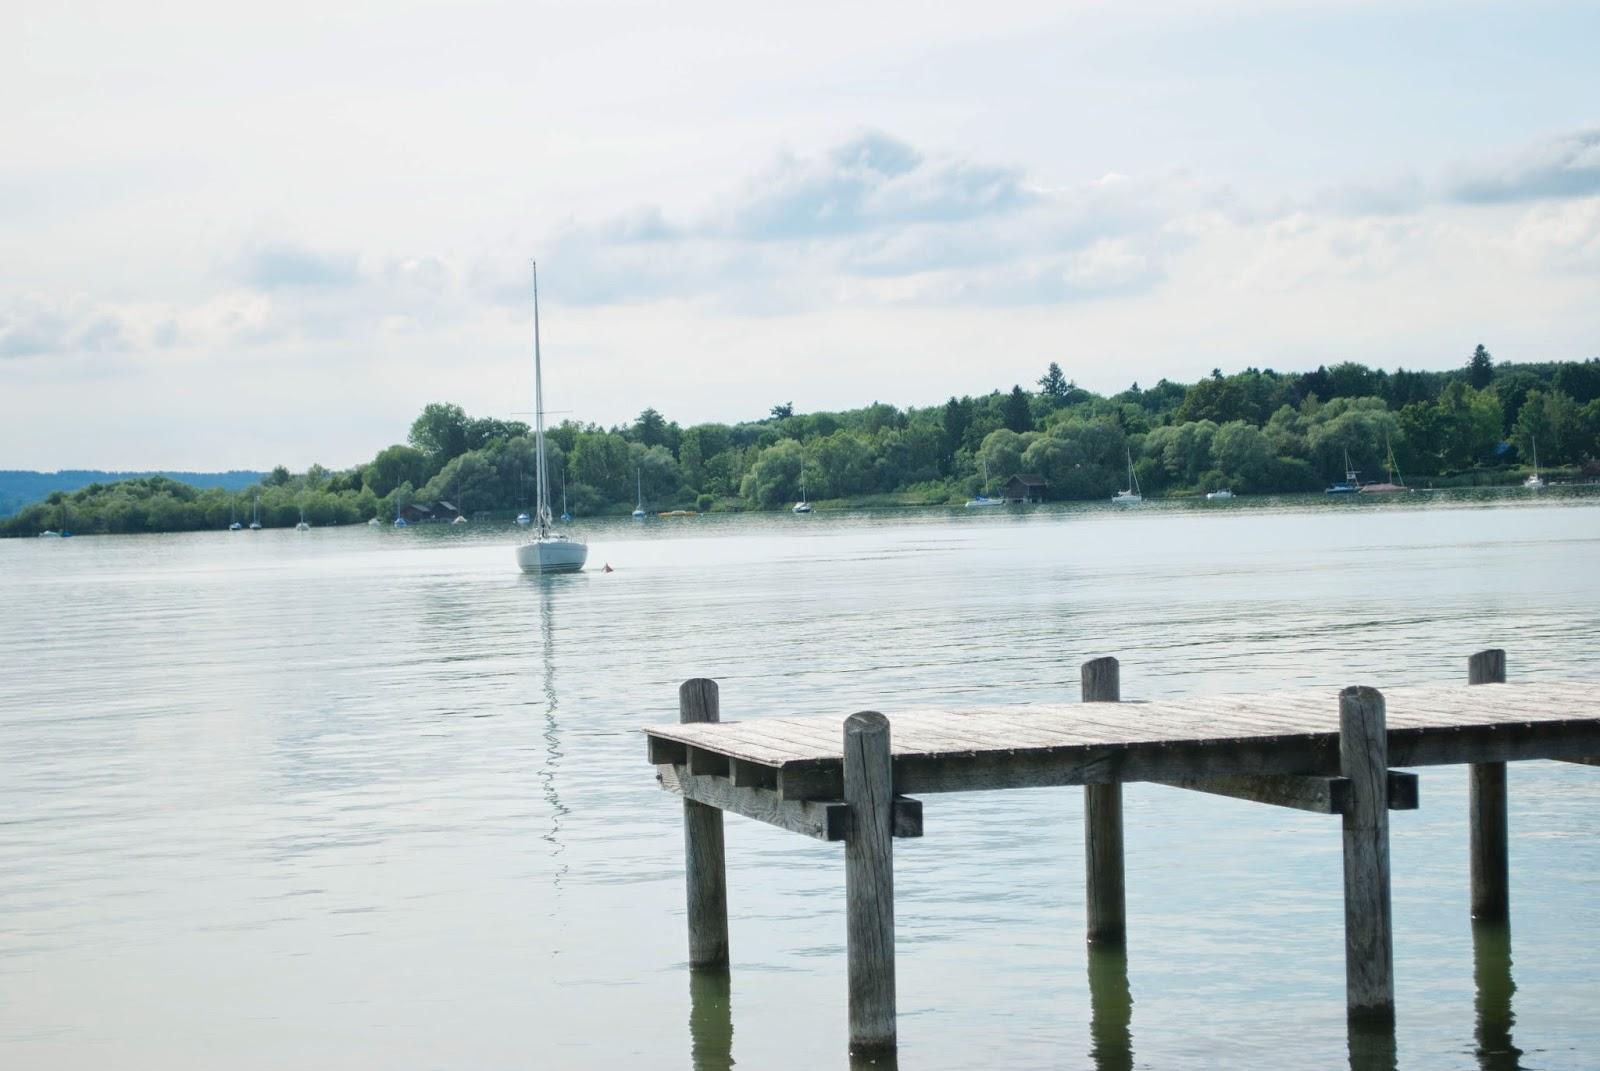 Sommer dahoam: Ausflug an den Ammersee Sommer München Minga Bayern bayerische Seen Strandbad Seewinkel Munich Hupsis Serendipity Sommerferien 2014